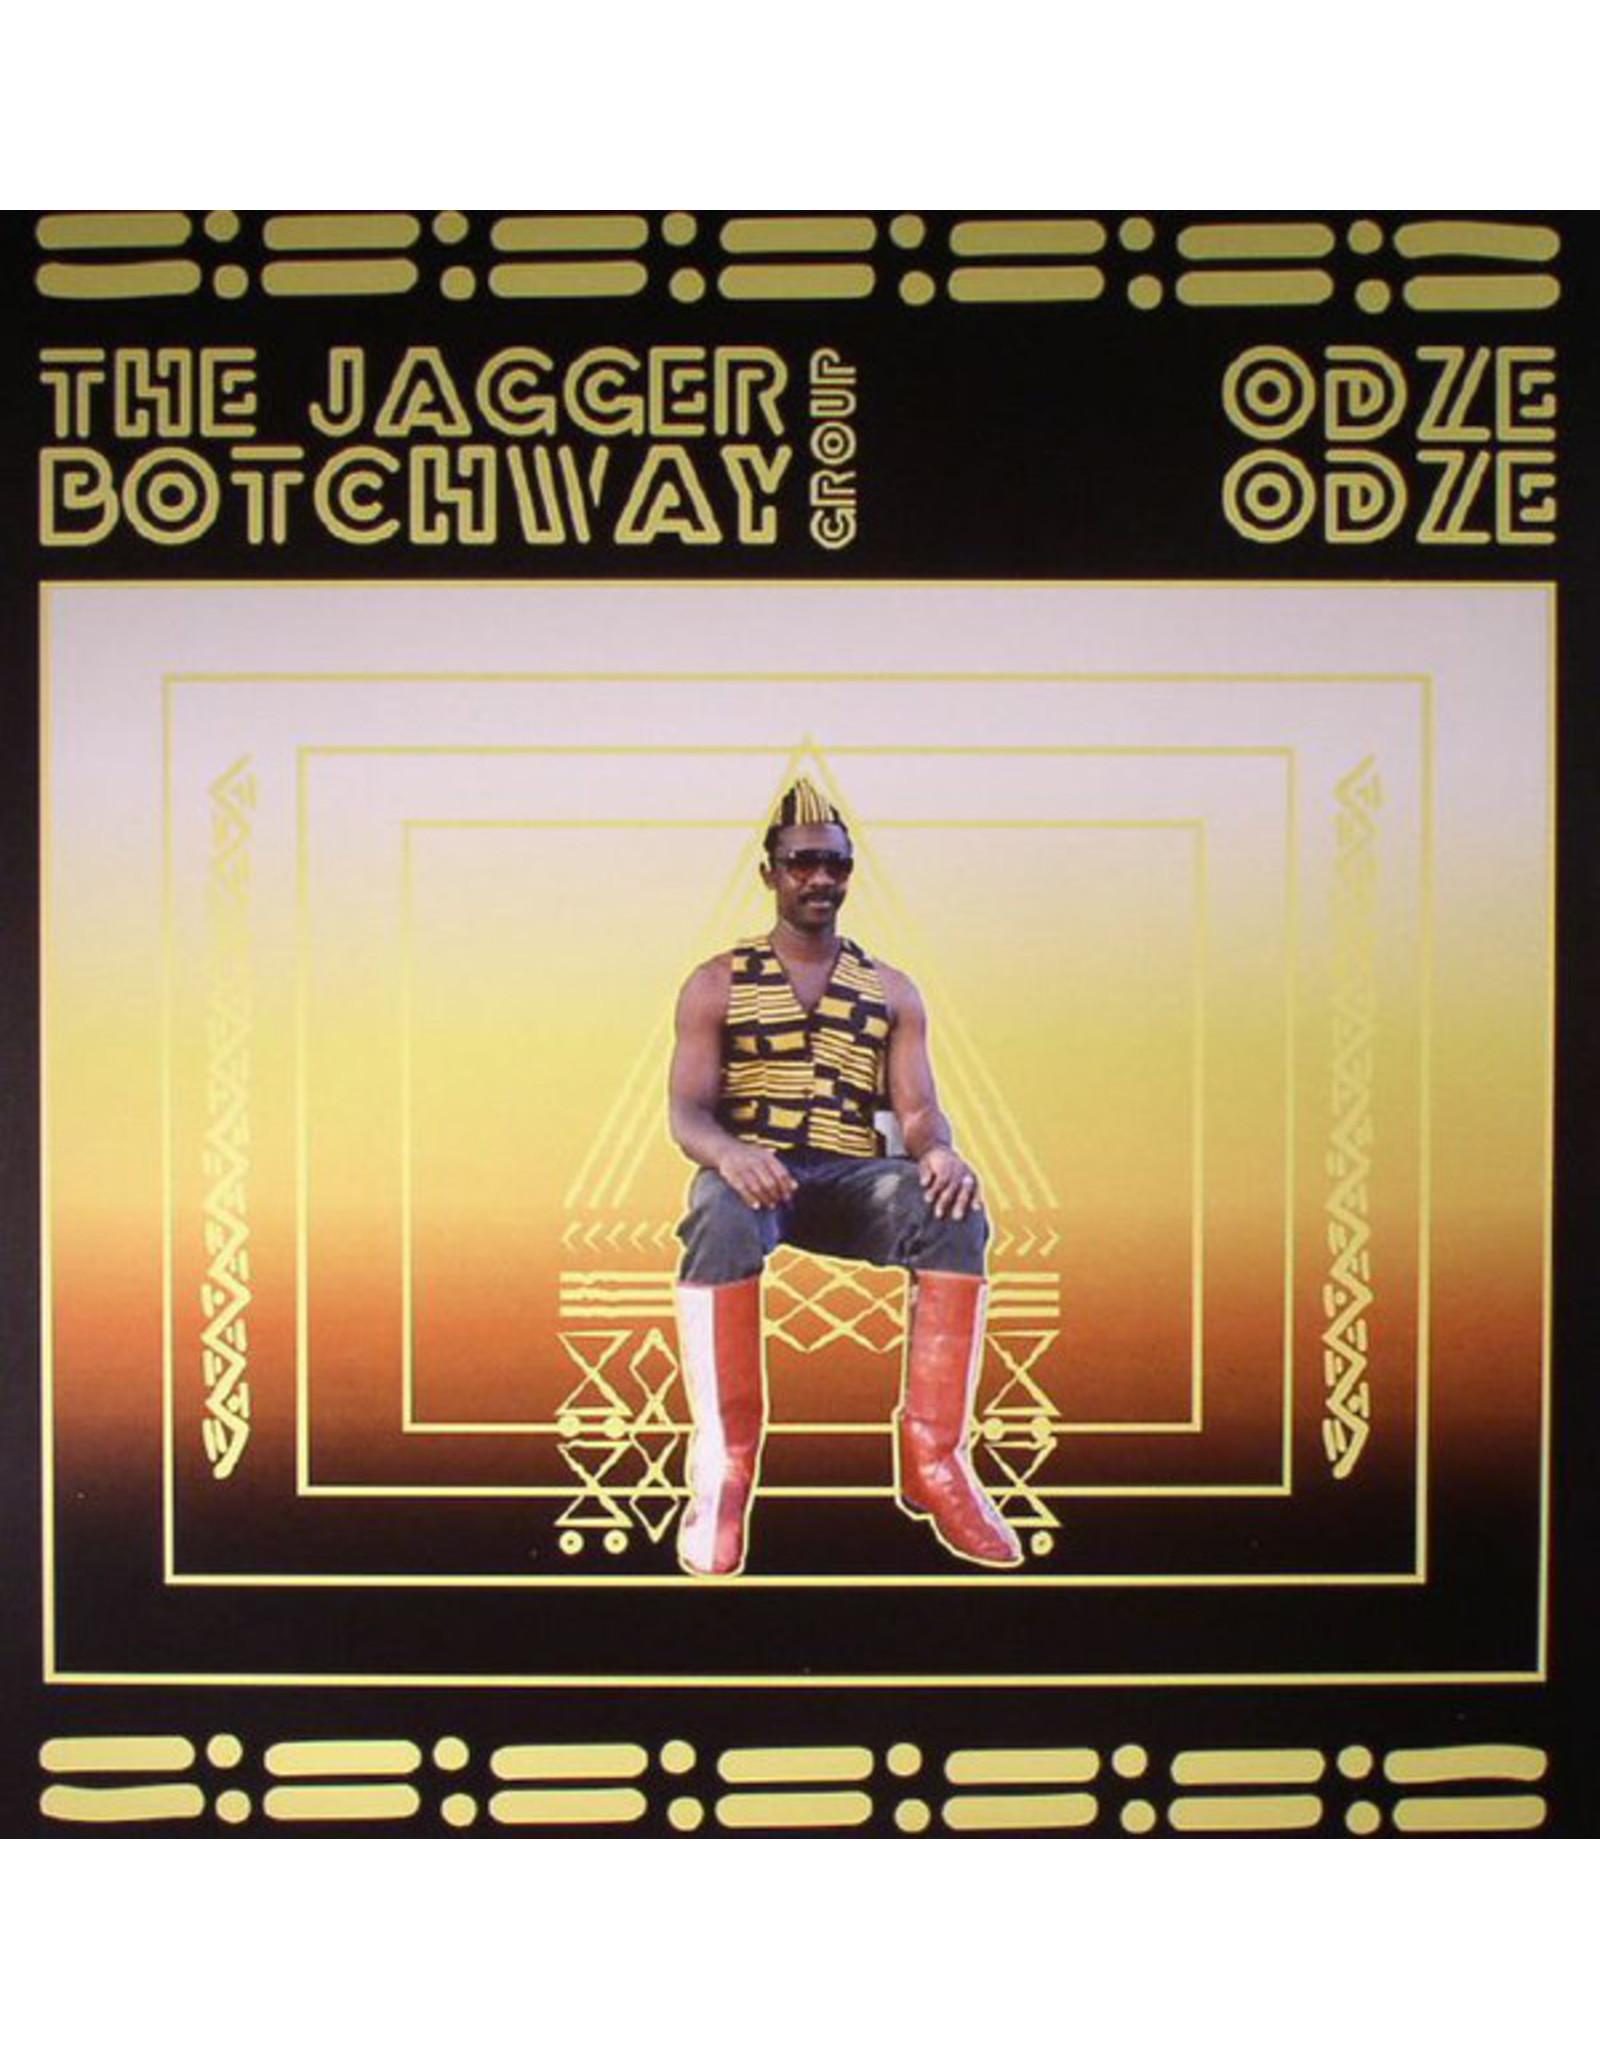 New Vinyl The Jagger Botchway Group - Odze Odze 2LP